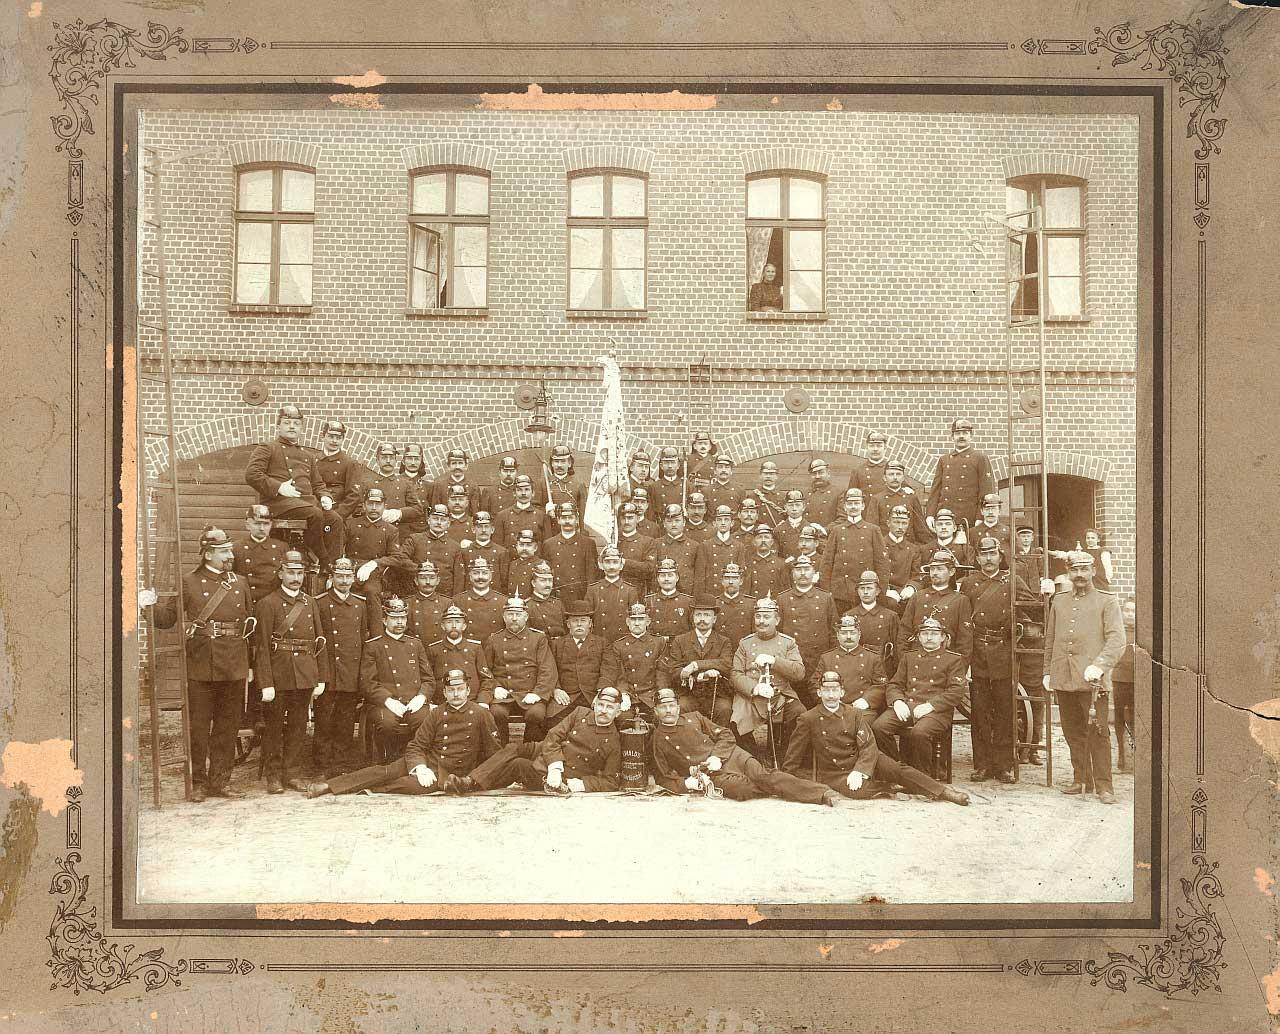 Zdjęcie wykonane w 5 rocznicę powstania OSP w 1909 roku